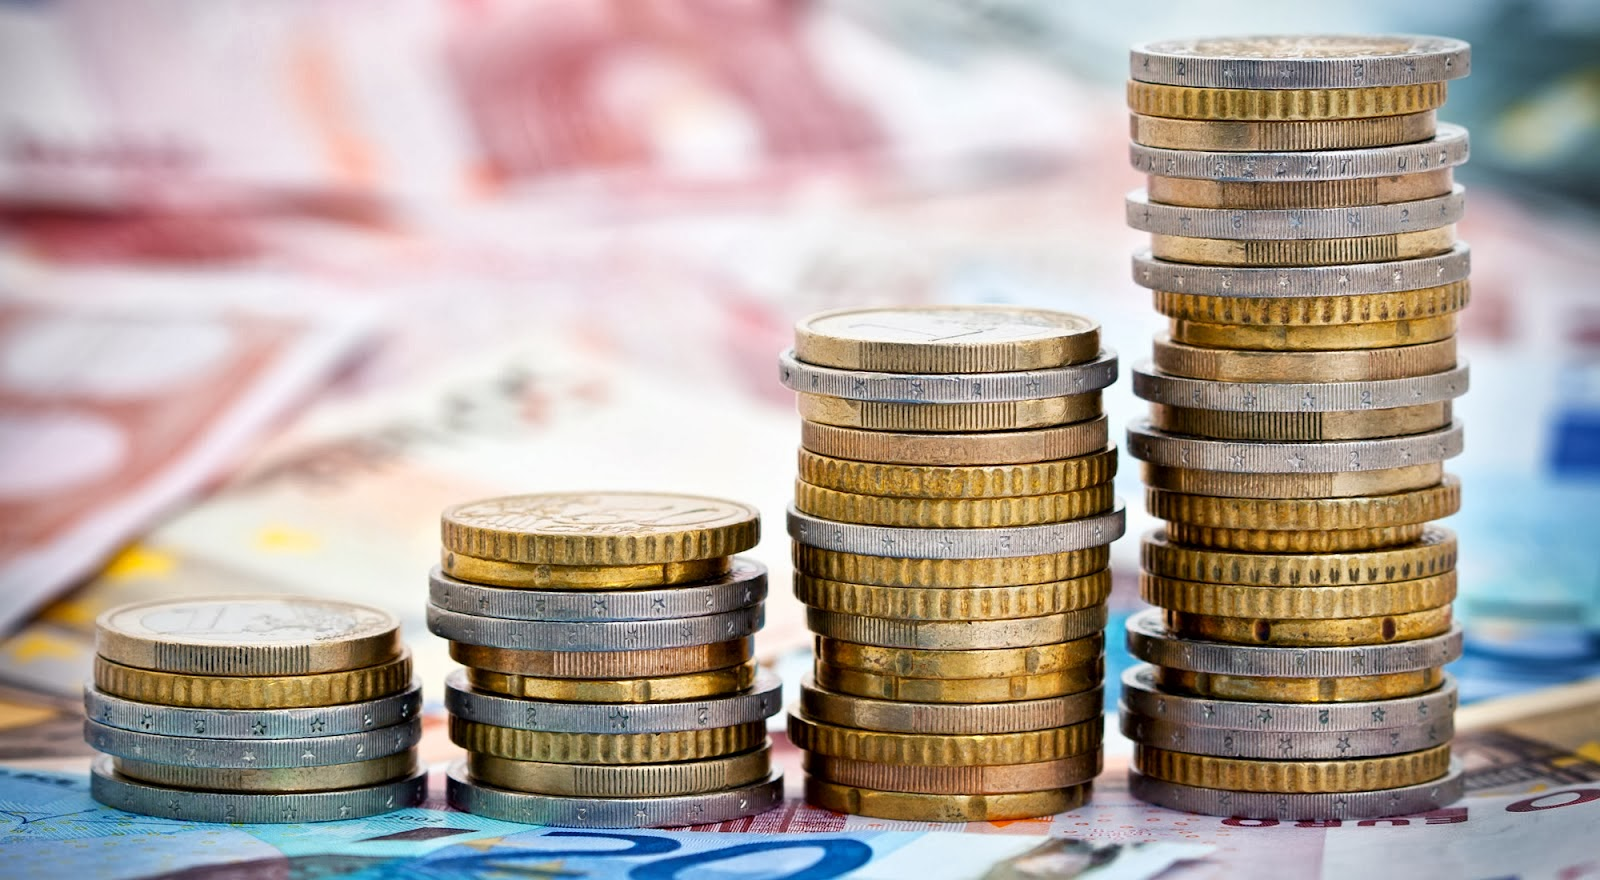 RRHH: Los salarios se congelan en el segundo trimestre del a�o frente al mismo per�odo de 2013